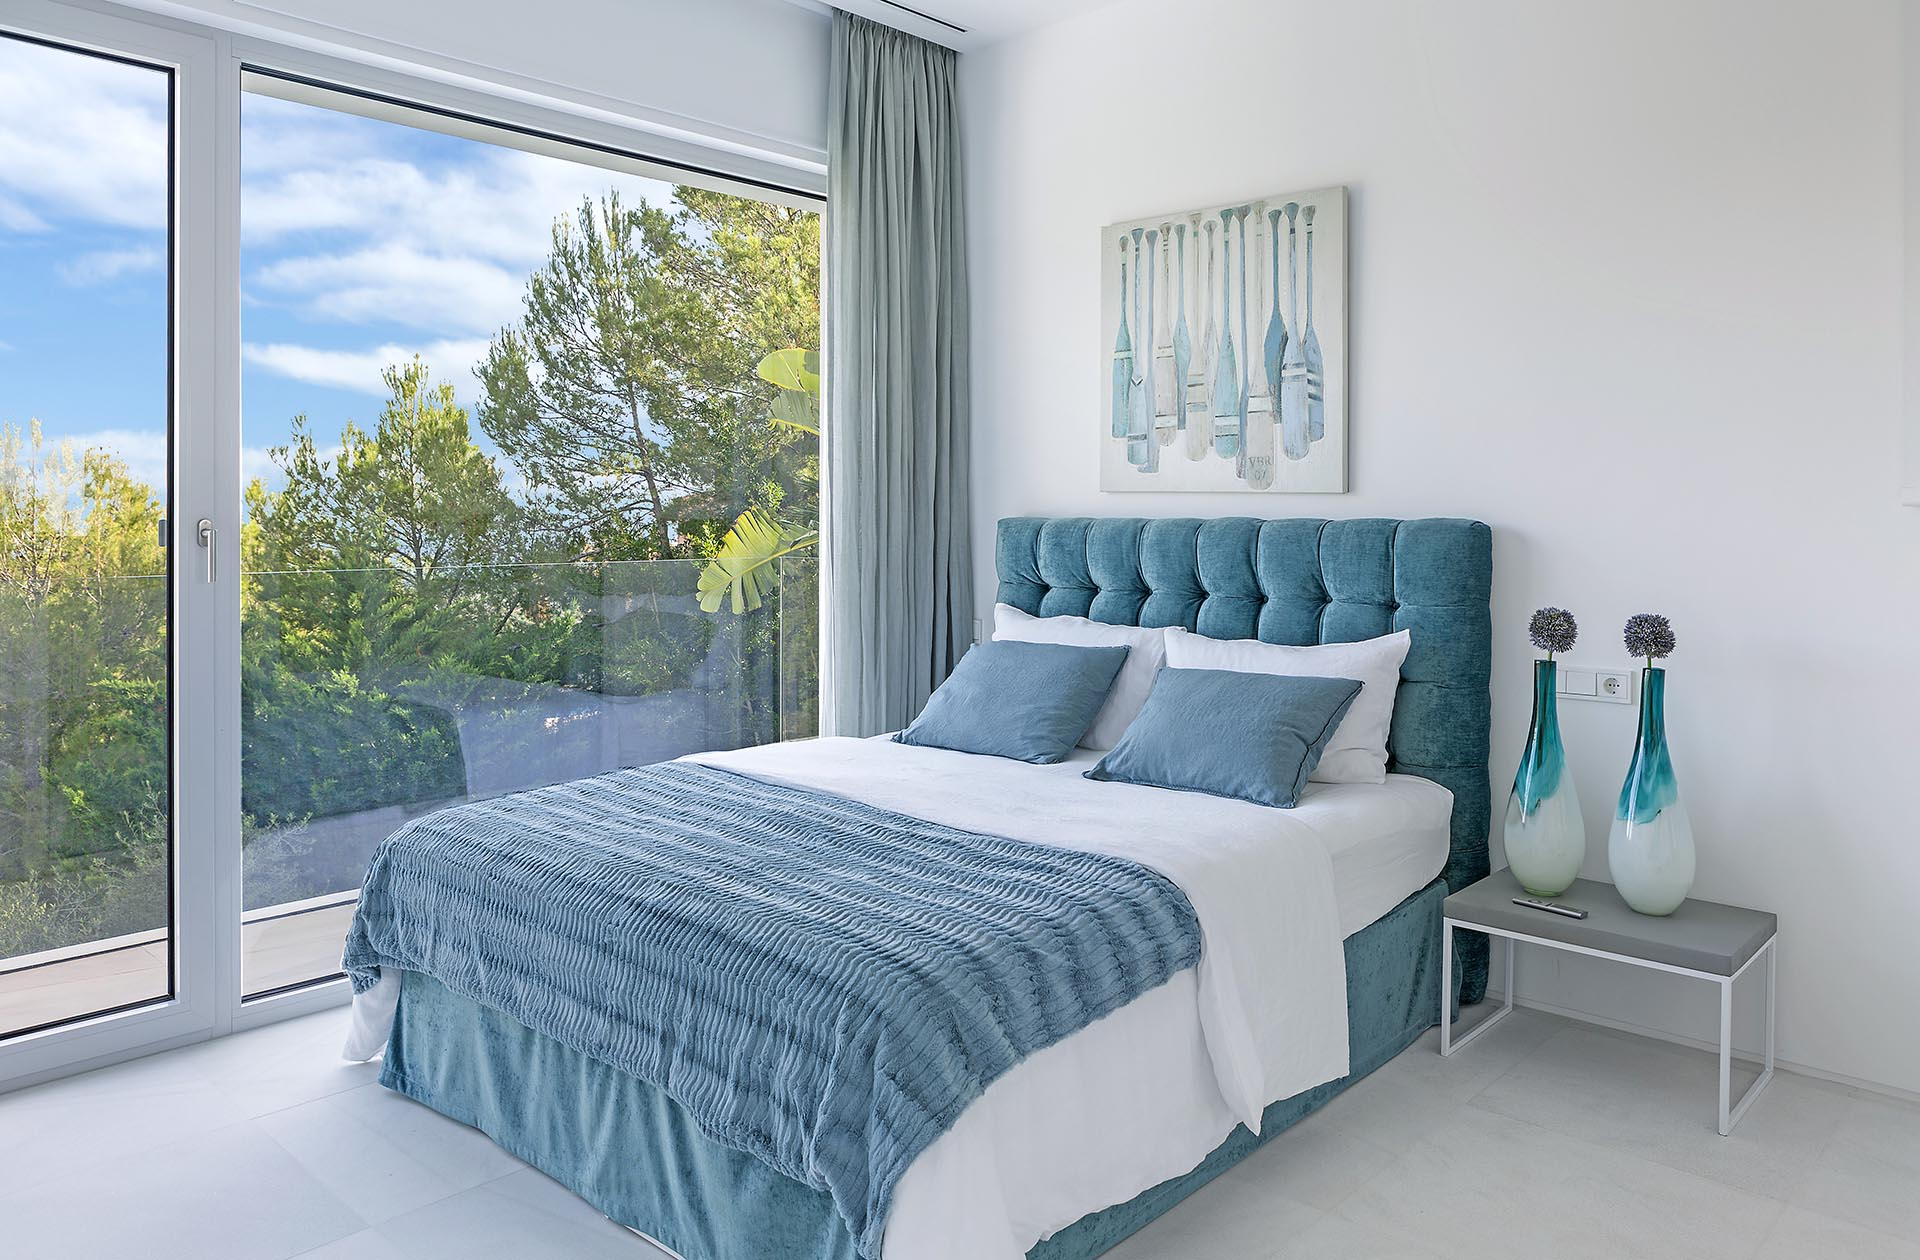 Traumhafte moderne Villa in Costa den Blanes - Gemütliches Ambiente